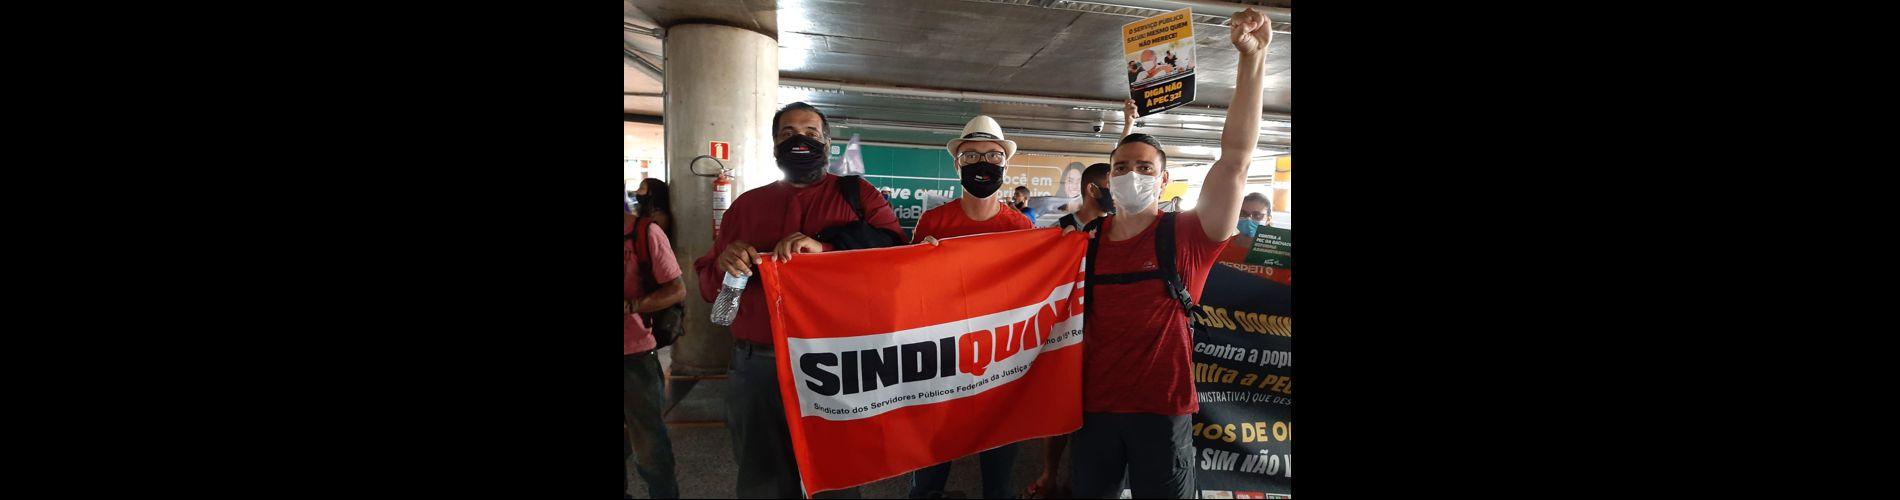 Sindiquinze integra mobilizações desta semana em Brasília contra a Reforma Administrativa